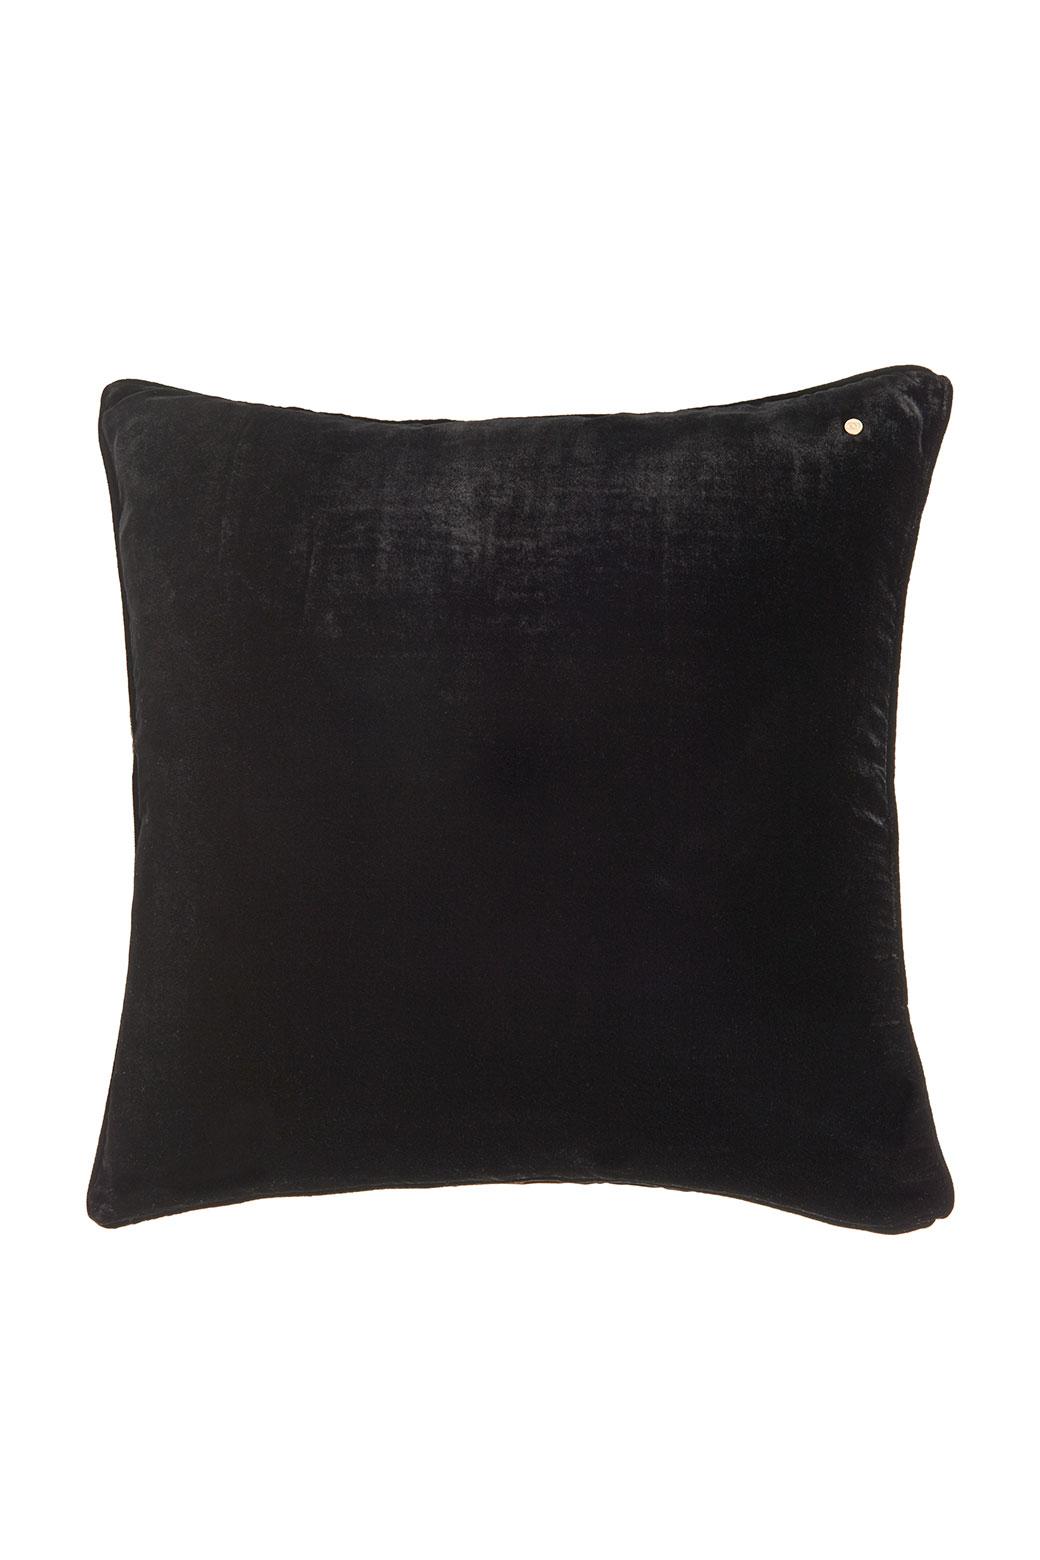 Coal silk velvet pillow - Shop all - Vibeke Scott